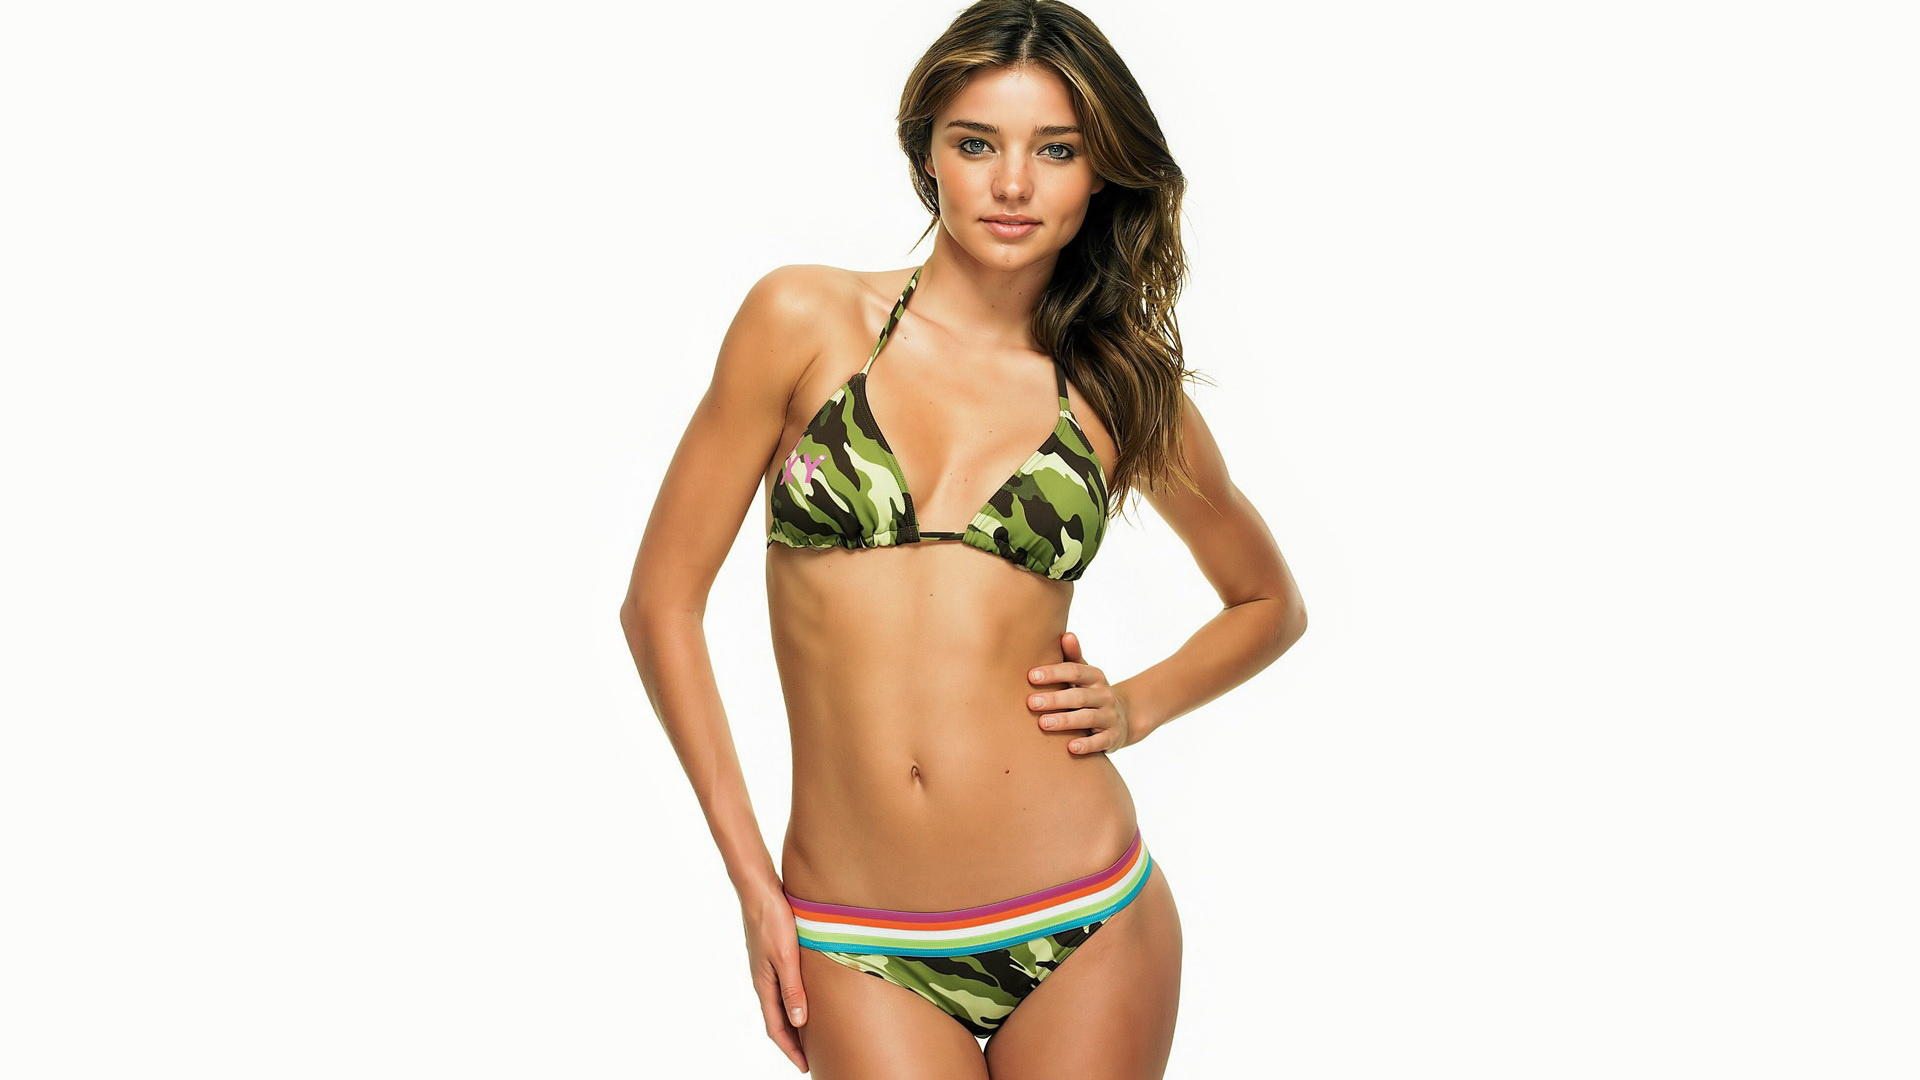 miranda kerr, model, lingerie, smile, widescreen cut Miranda Kerr